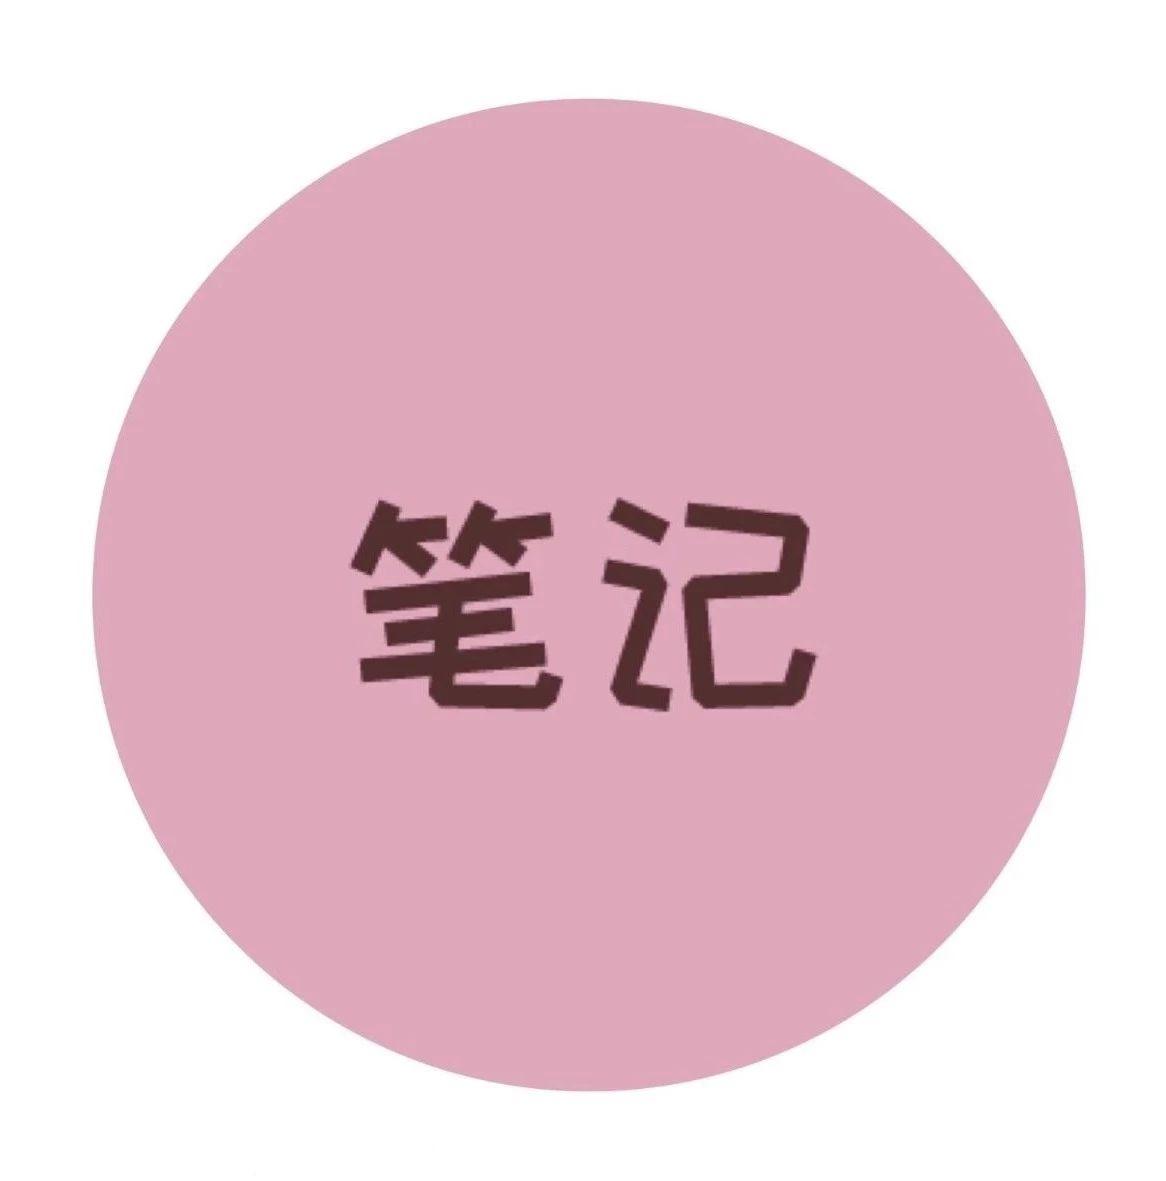 杜仕明雅思写作微讲座笔记 | 各种议论文题型如何分段最合理?